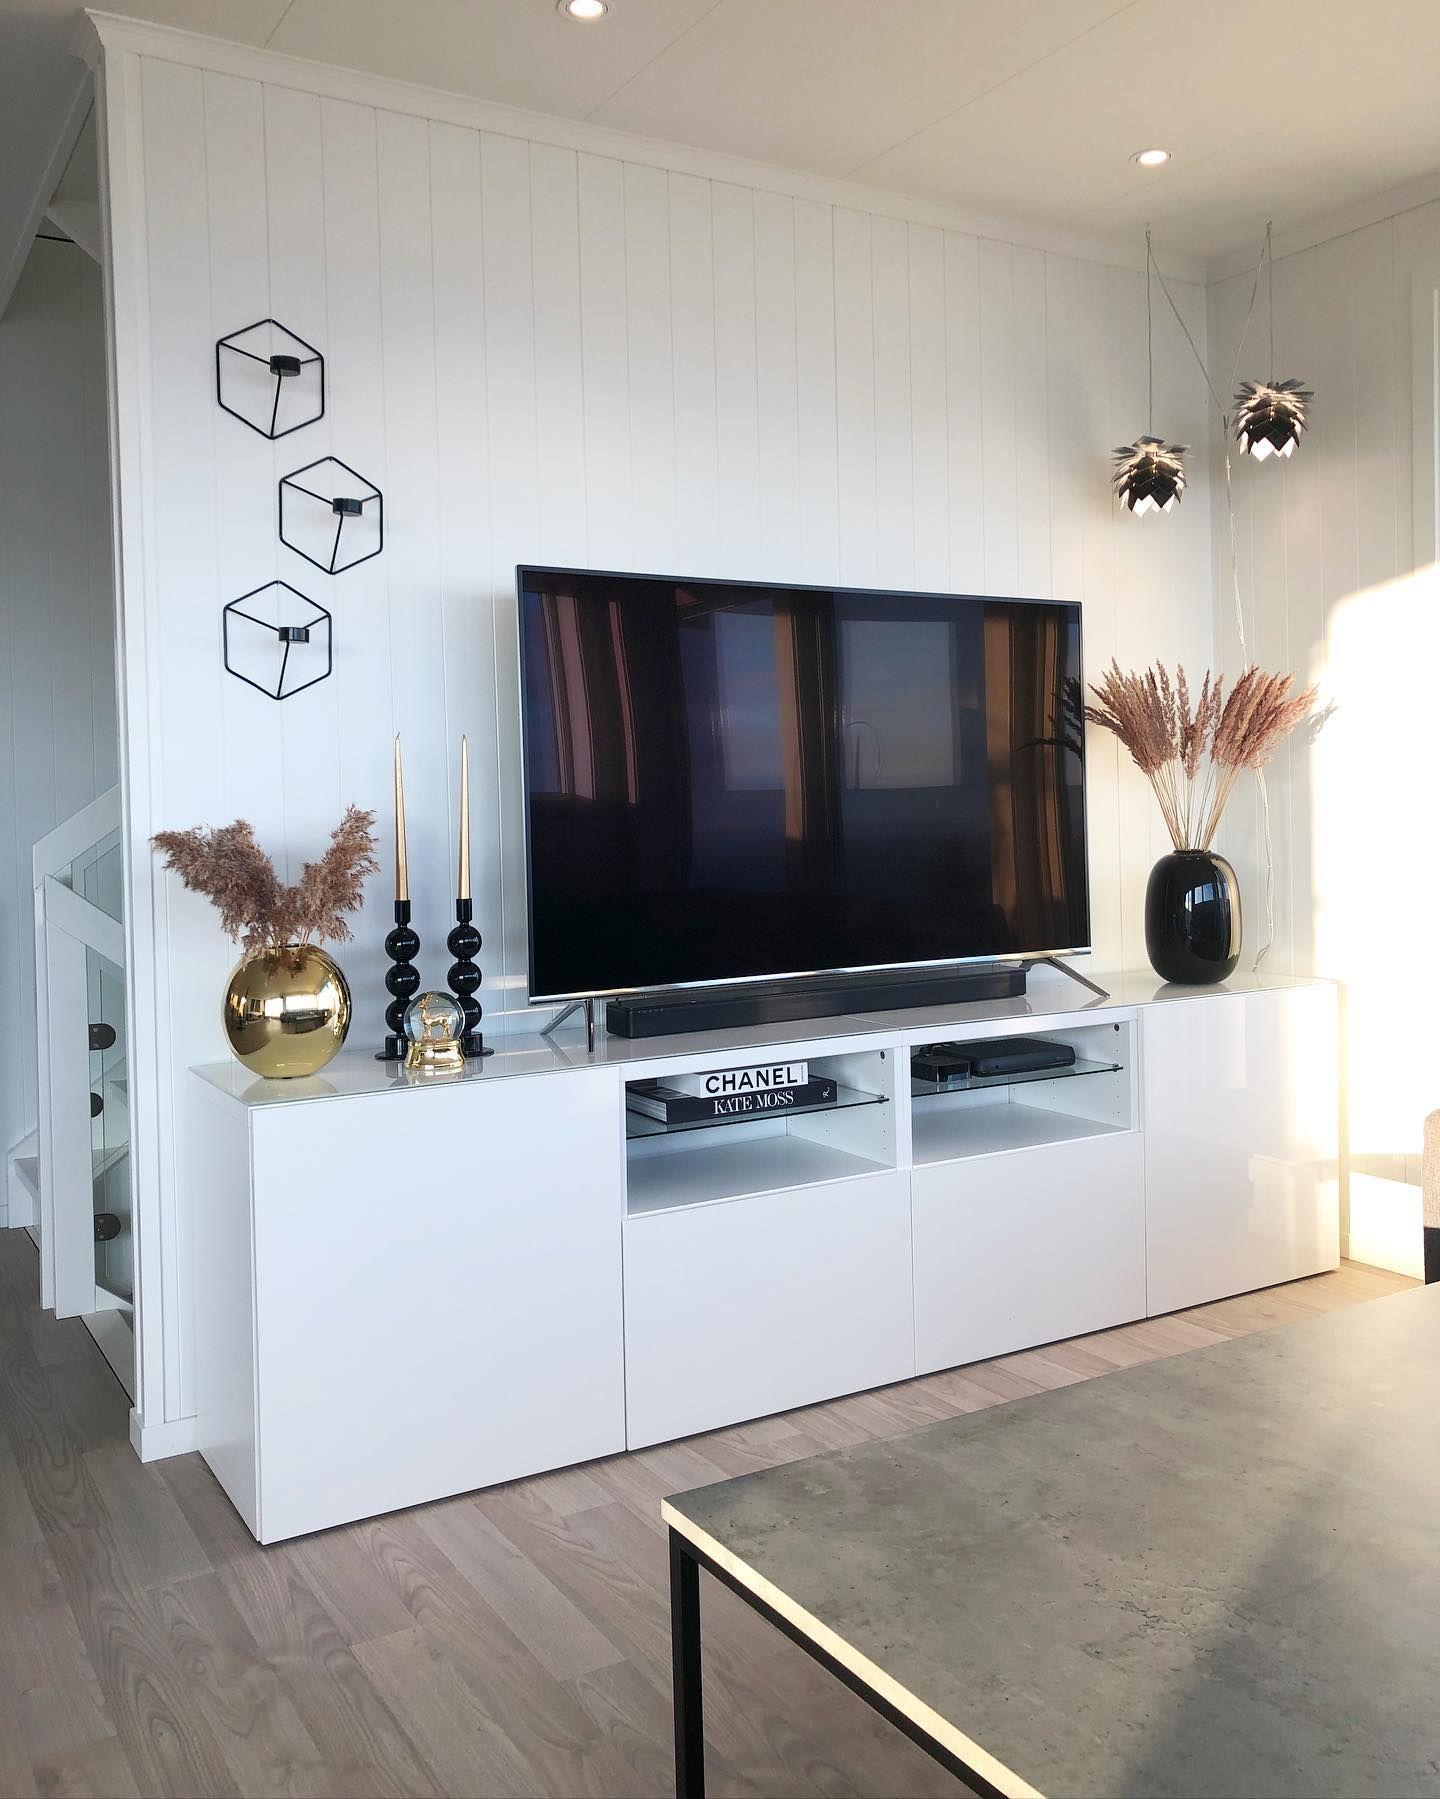 God kveld i stua 💫~~~~~~~~~~~~~~~~~~~~~~~~~~~~~~~~~ #interiør#interiørdesign #interior #rom123 #interiör #interiors #interiorinspo #fosnafolket #interiordesign #finahem #finahem #norgesinteriør #livingroom #bolig #livingroominspo #fashionforall #maisoninterior #delmeg #stue #interior125 #norskehjem #inredning #design #myinterior #homeadore #gullfjæren #gullfjæren_fargerik #gullfjæren_klassisk #herligehjem #vakrehjem @boligpluss @interior4all @interior4inspo @interiorblink @boligmagasinetdk @hom